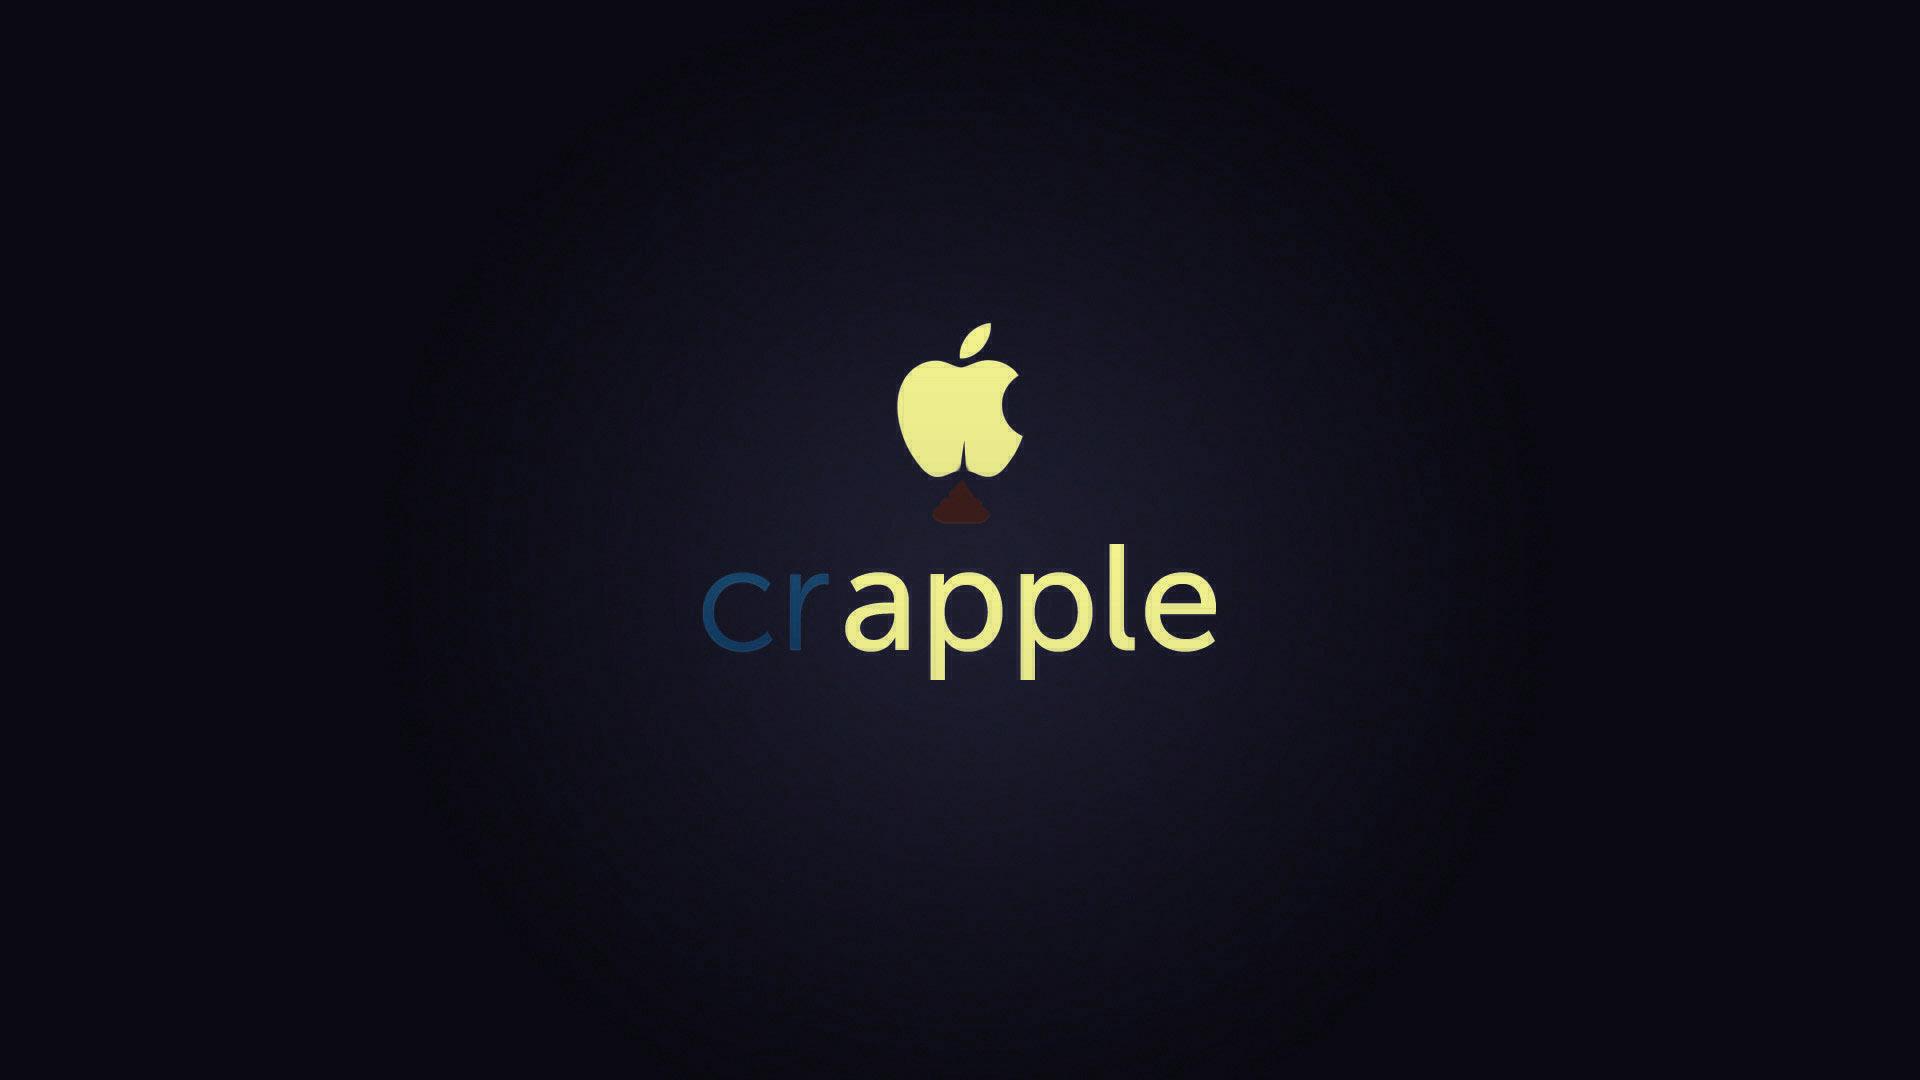 Pics Photos   Mac Desktop Wallpapers Hd Apple Funny Apps 1920x1080